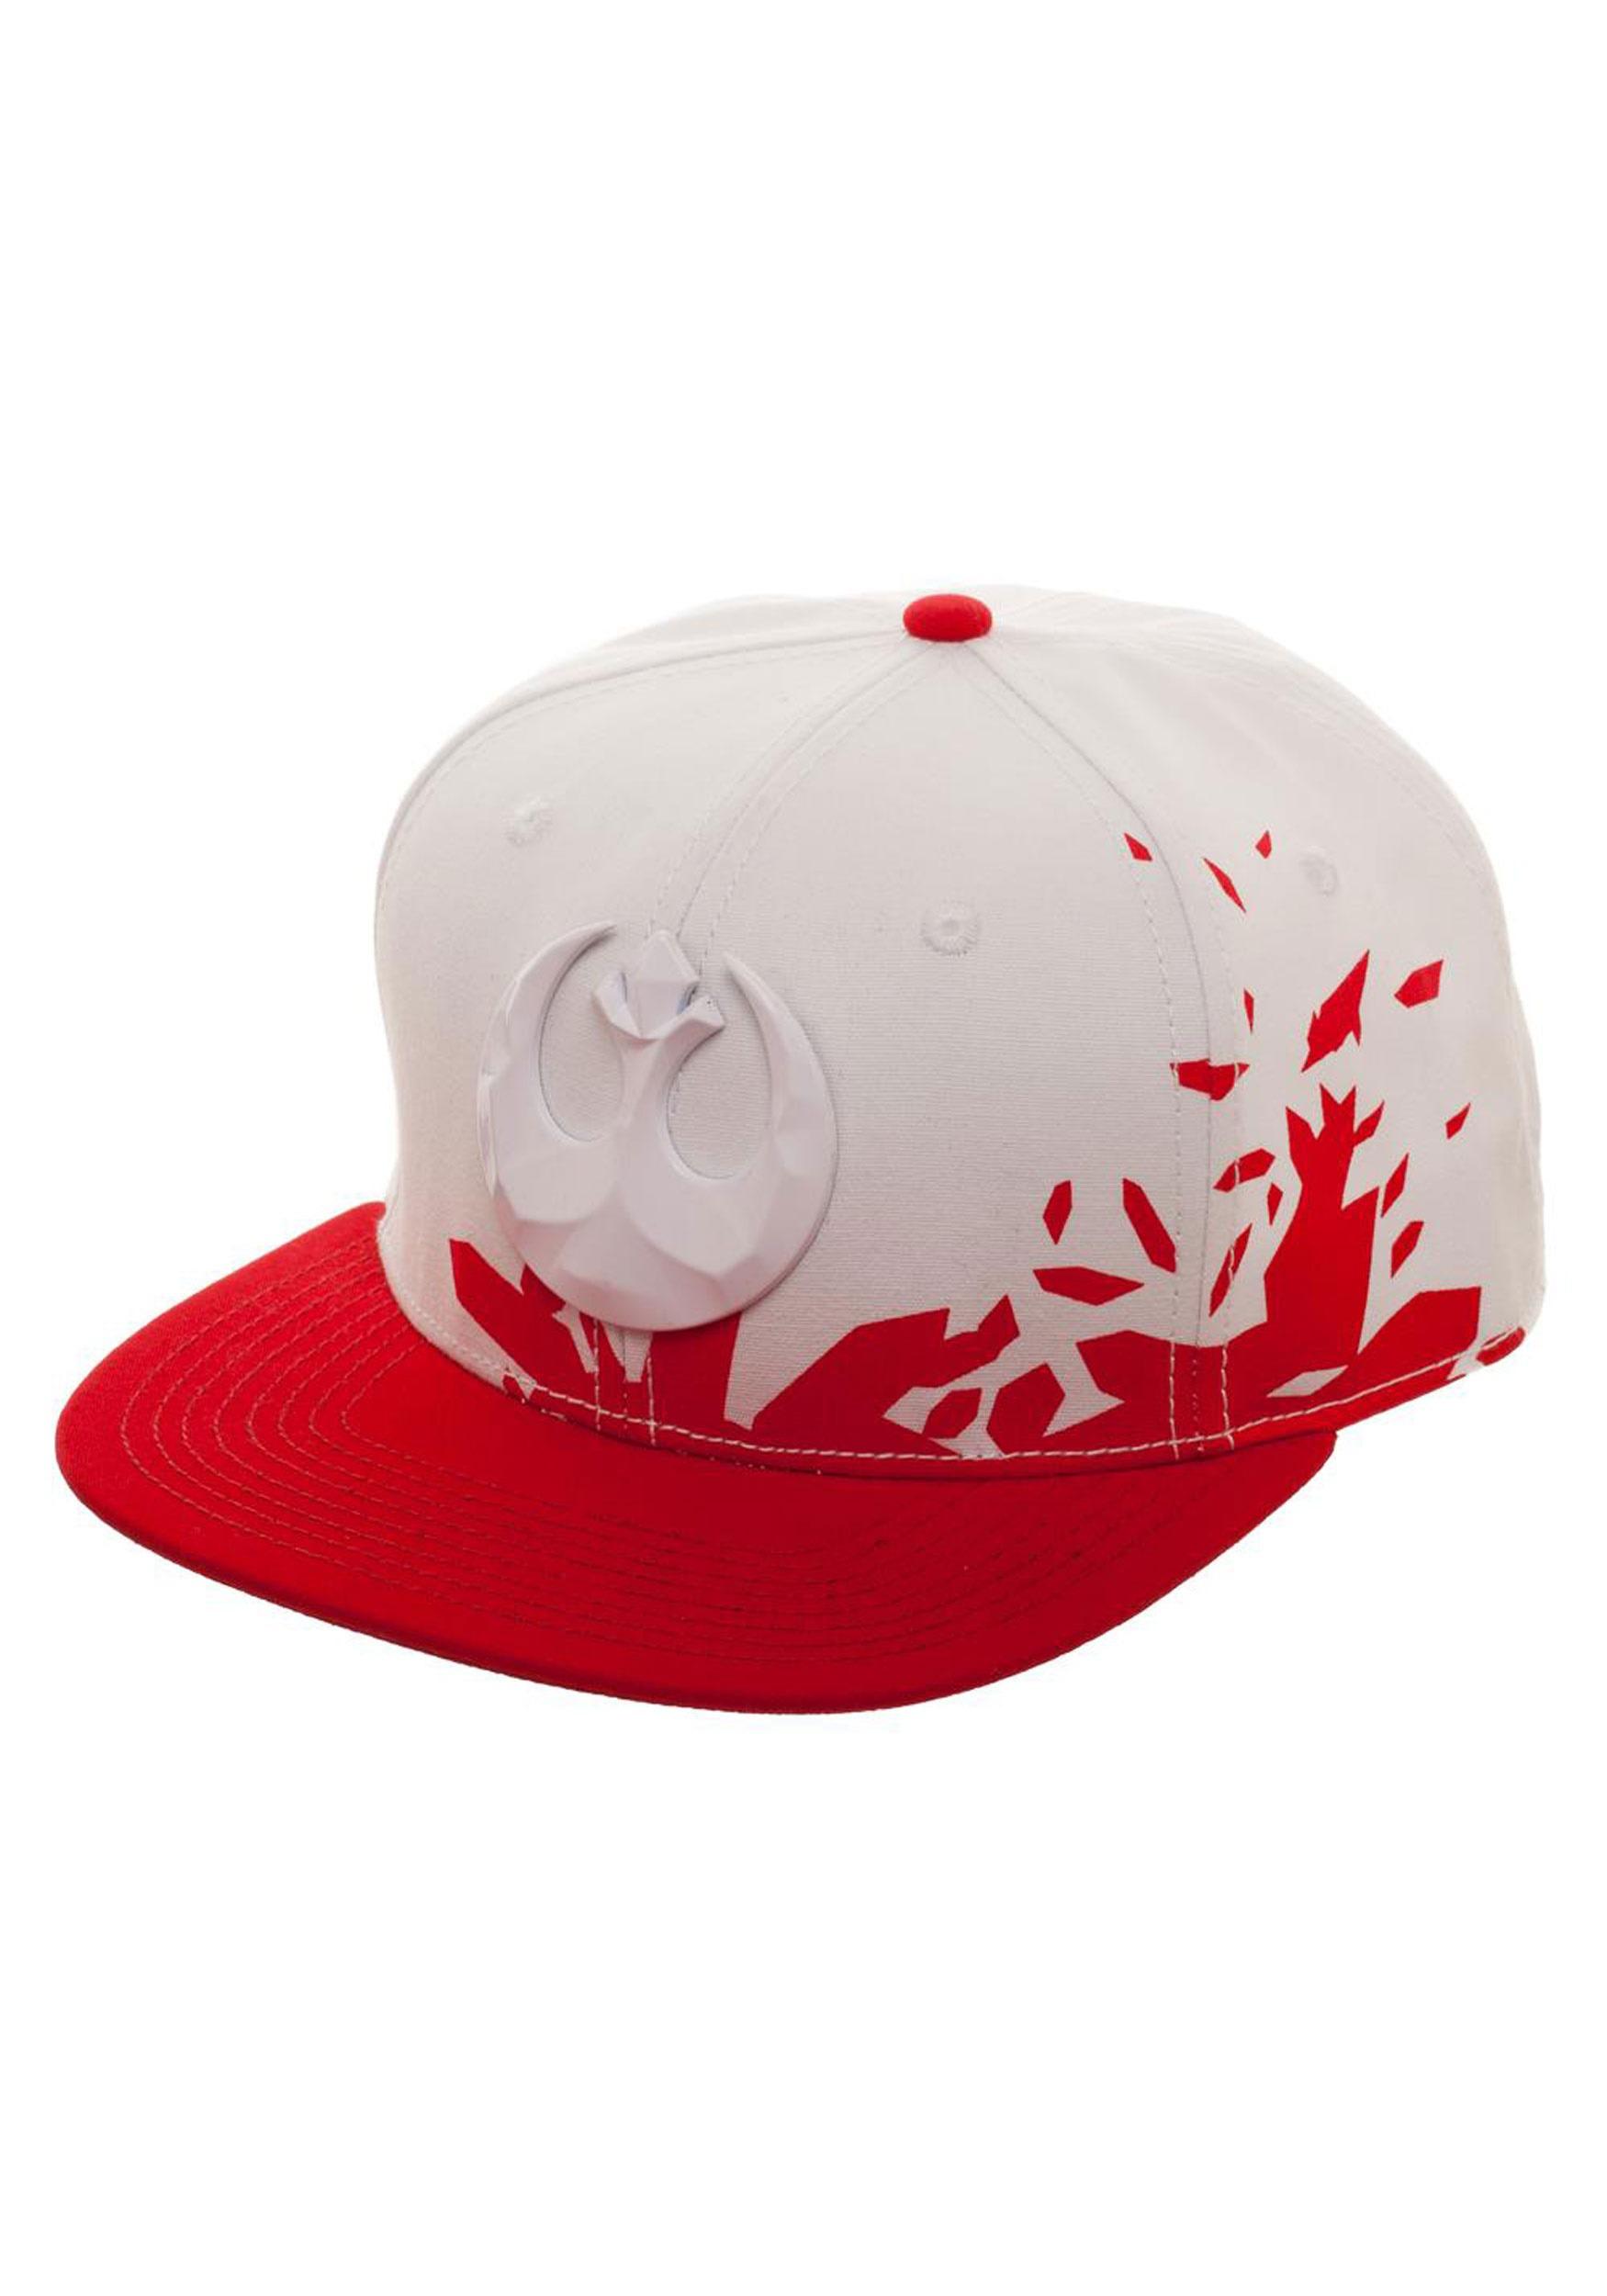 ... shop star wars ep8 resistance snapback hat a2e70 c4a5d 4f2c266a988e